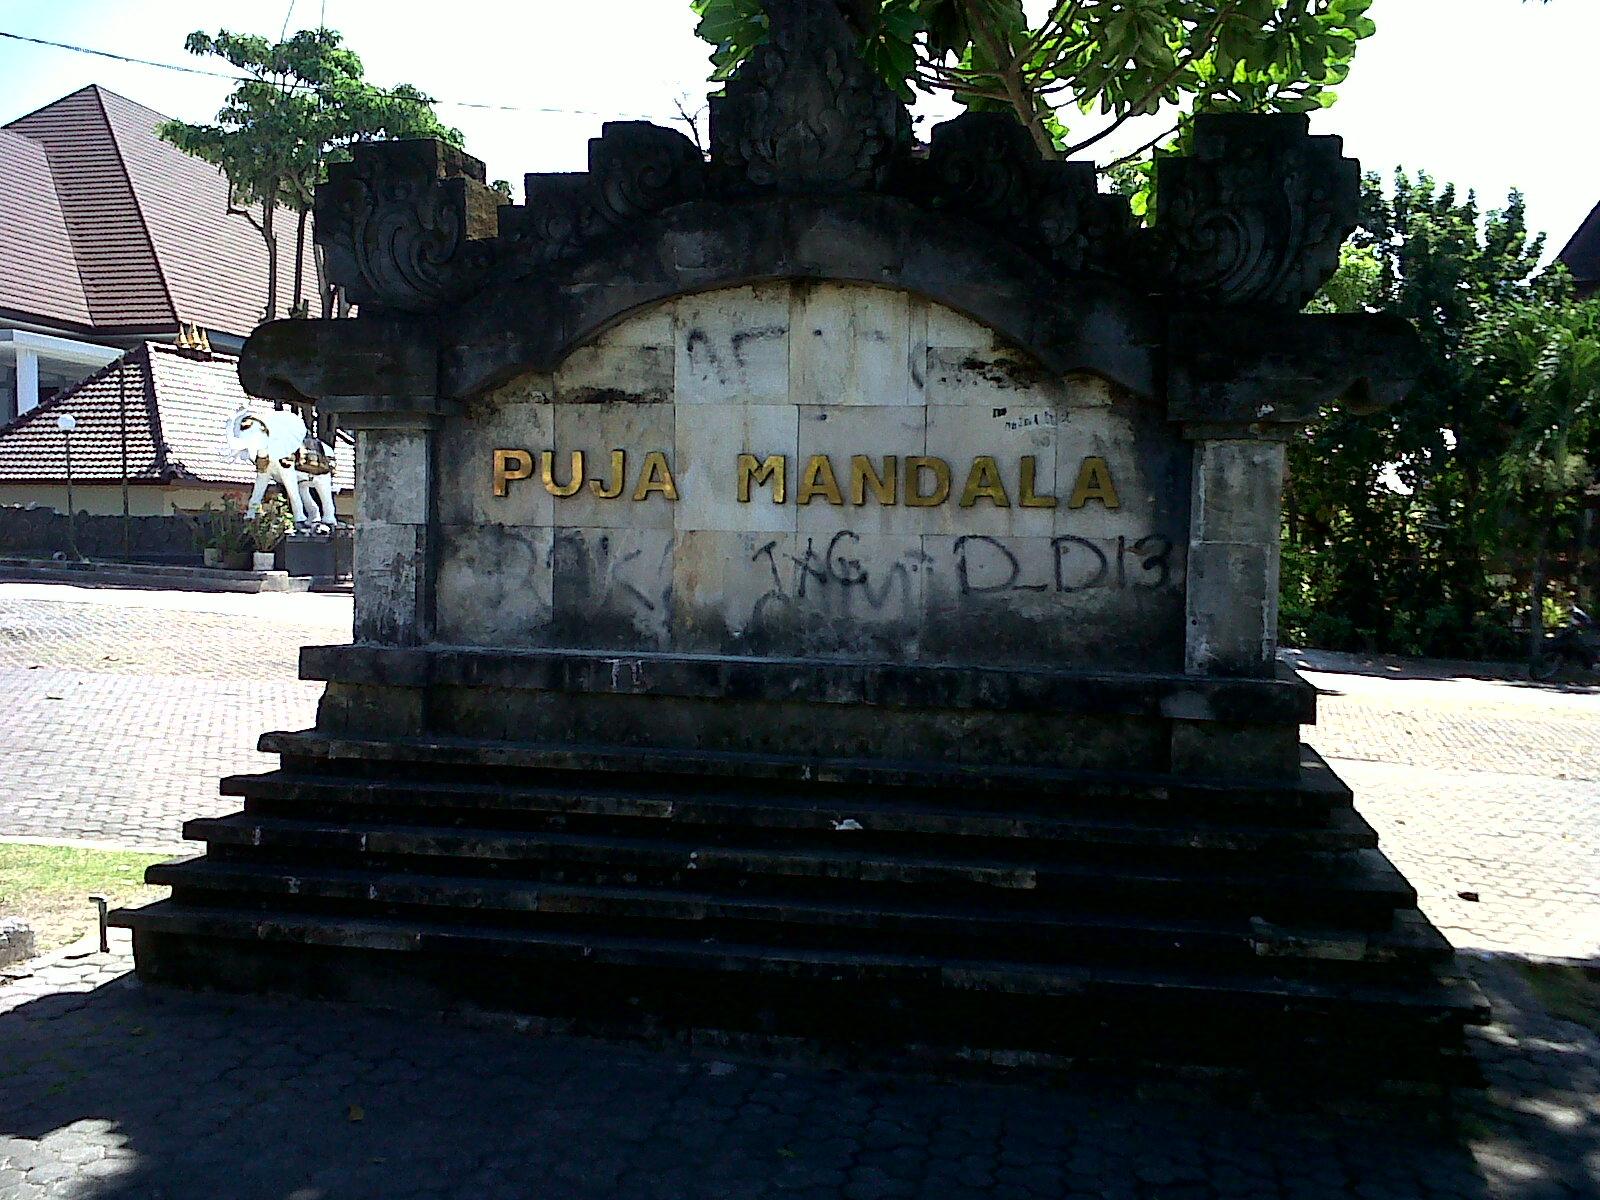 Puja Mandala Bali Bali Puja Mandala Place of